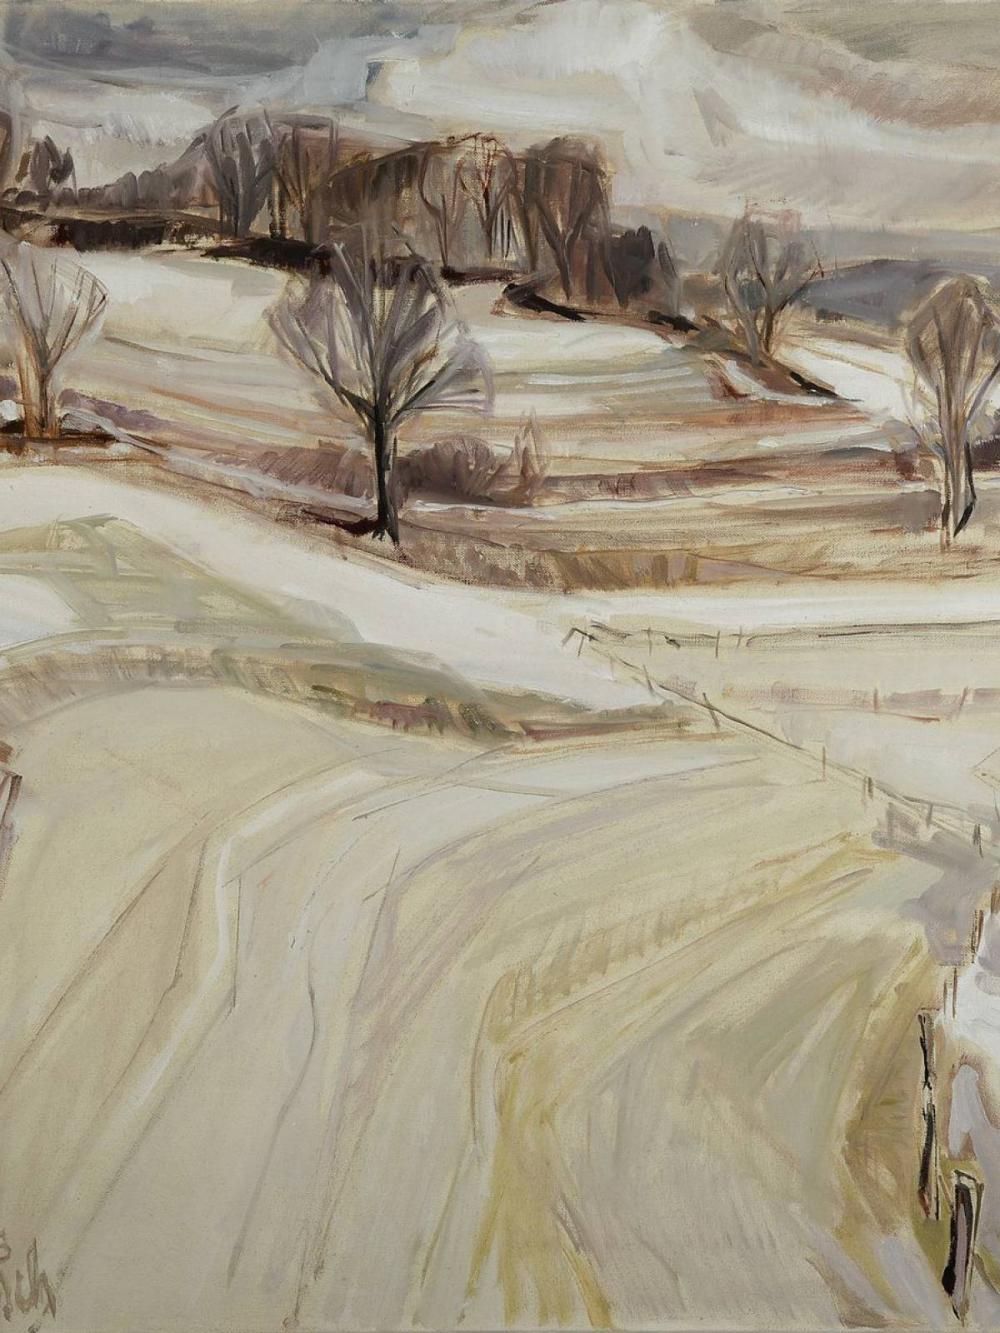 Christel Abresch, 1931 Sulzbach - 2011 Neustadt